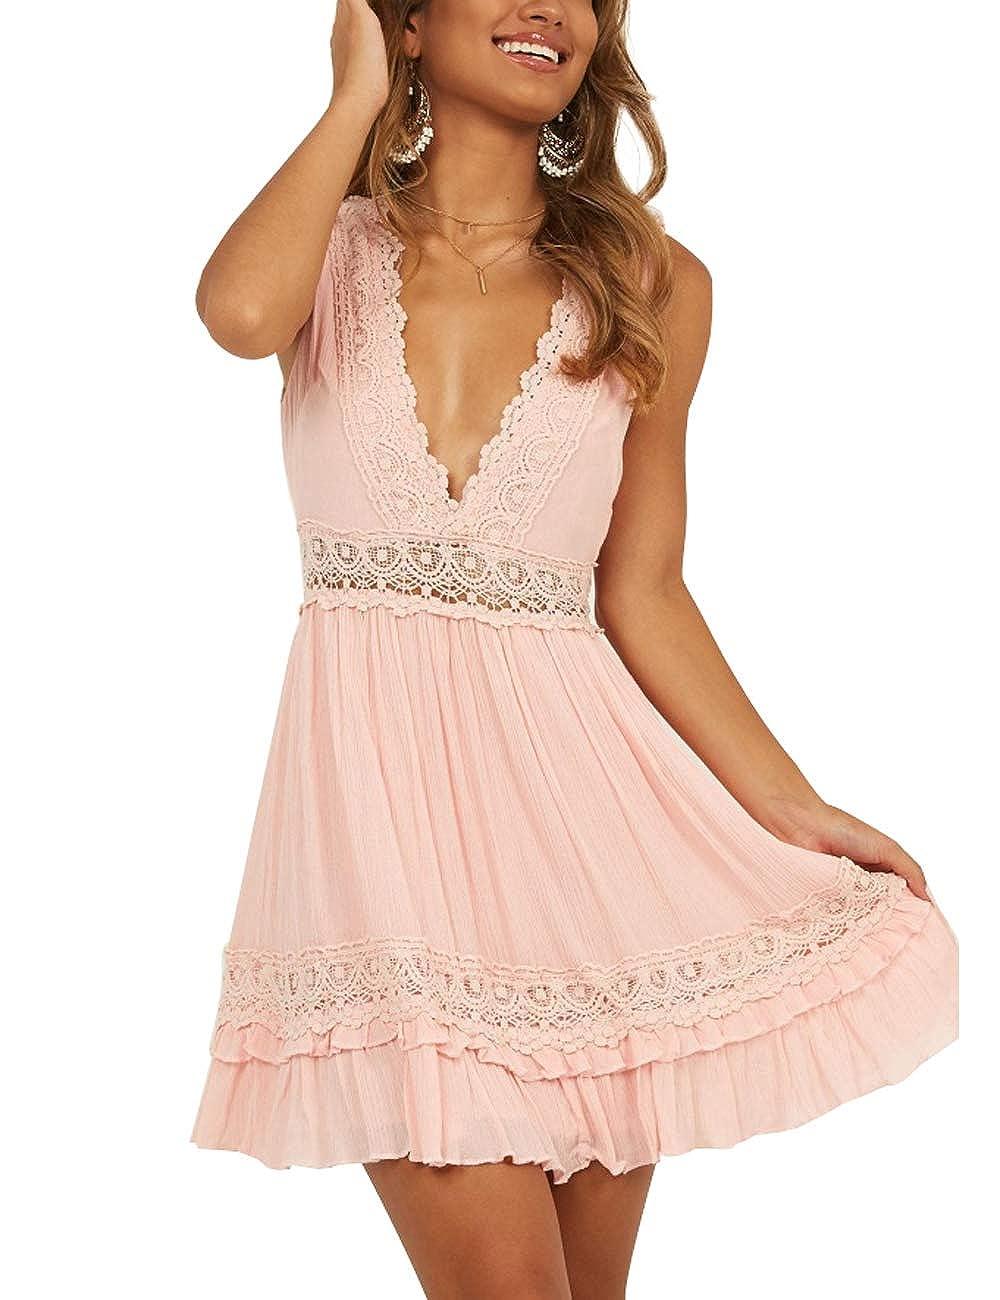 96932c09b0 Hellozebra Women's White V-Neck Sleeveless Sundress Backless Summer Beach  Mini Dress at Amazon Women's Clothing store: